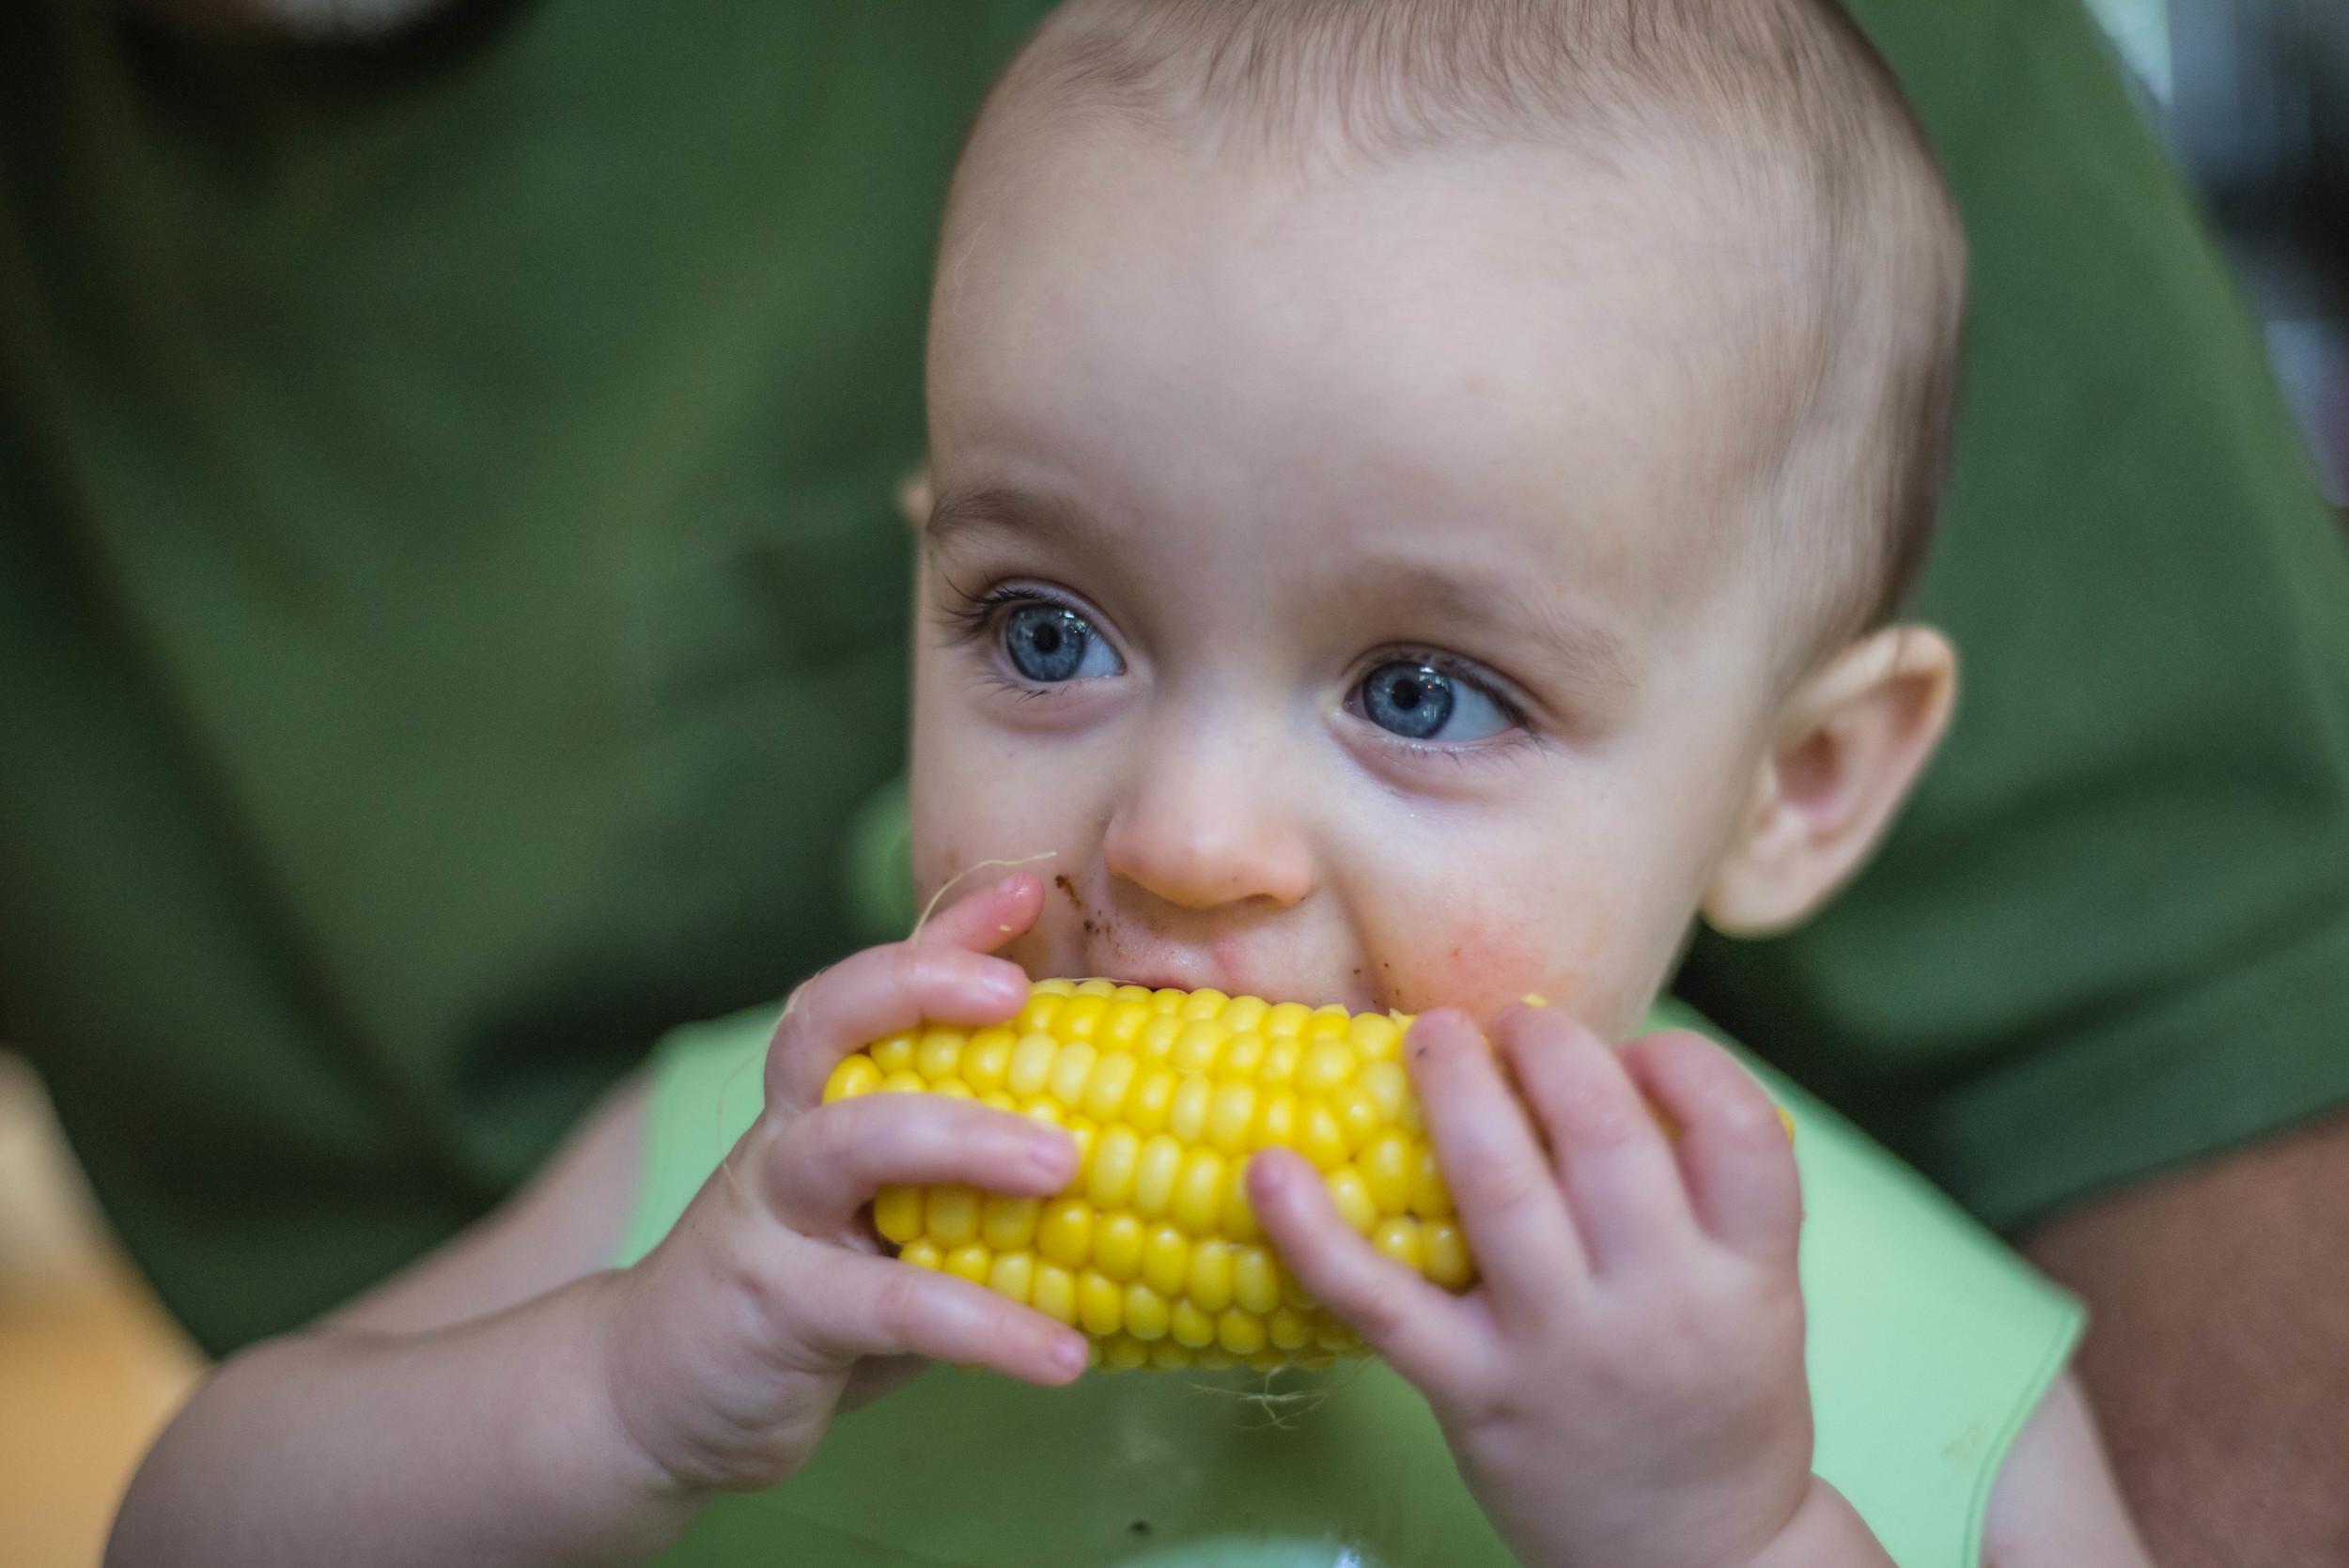 Mmmm Corn